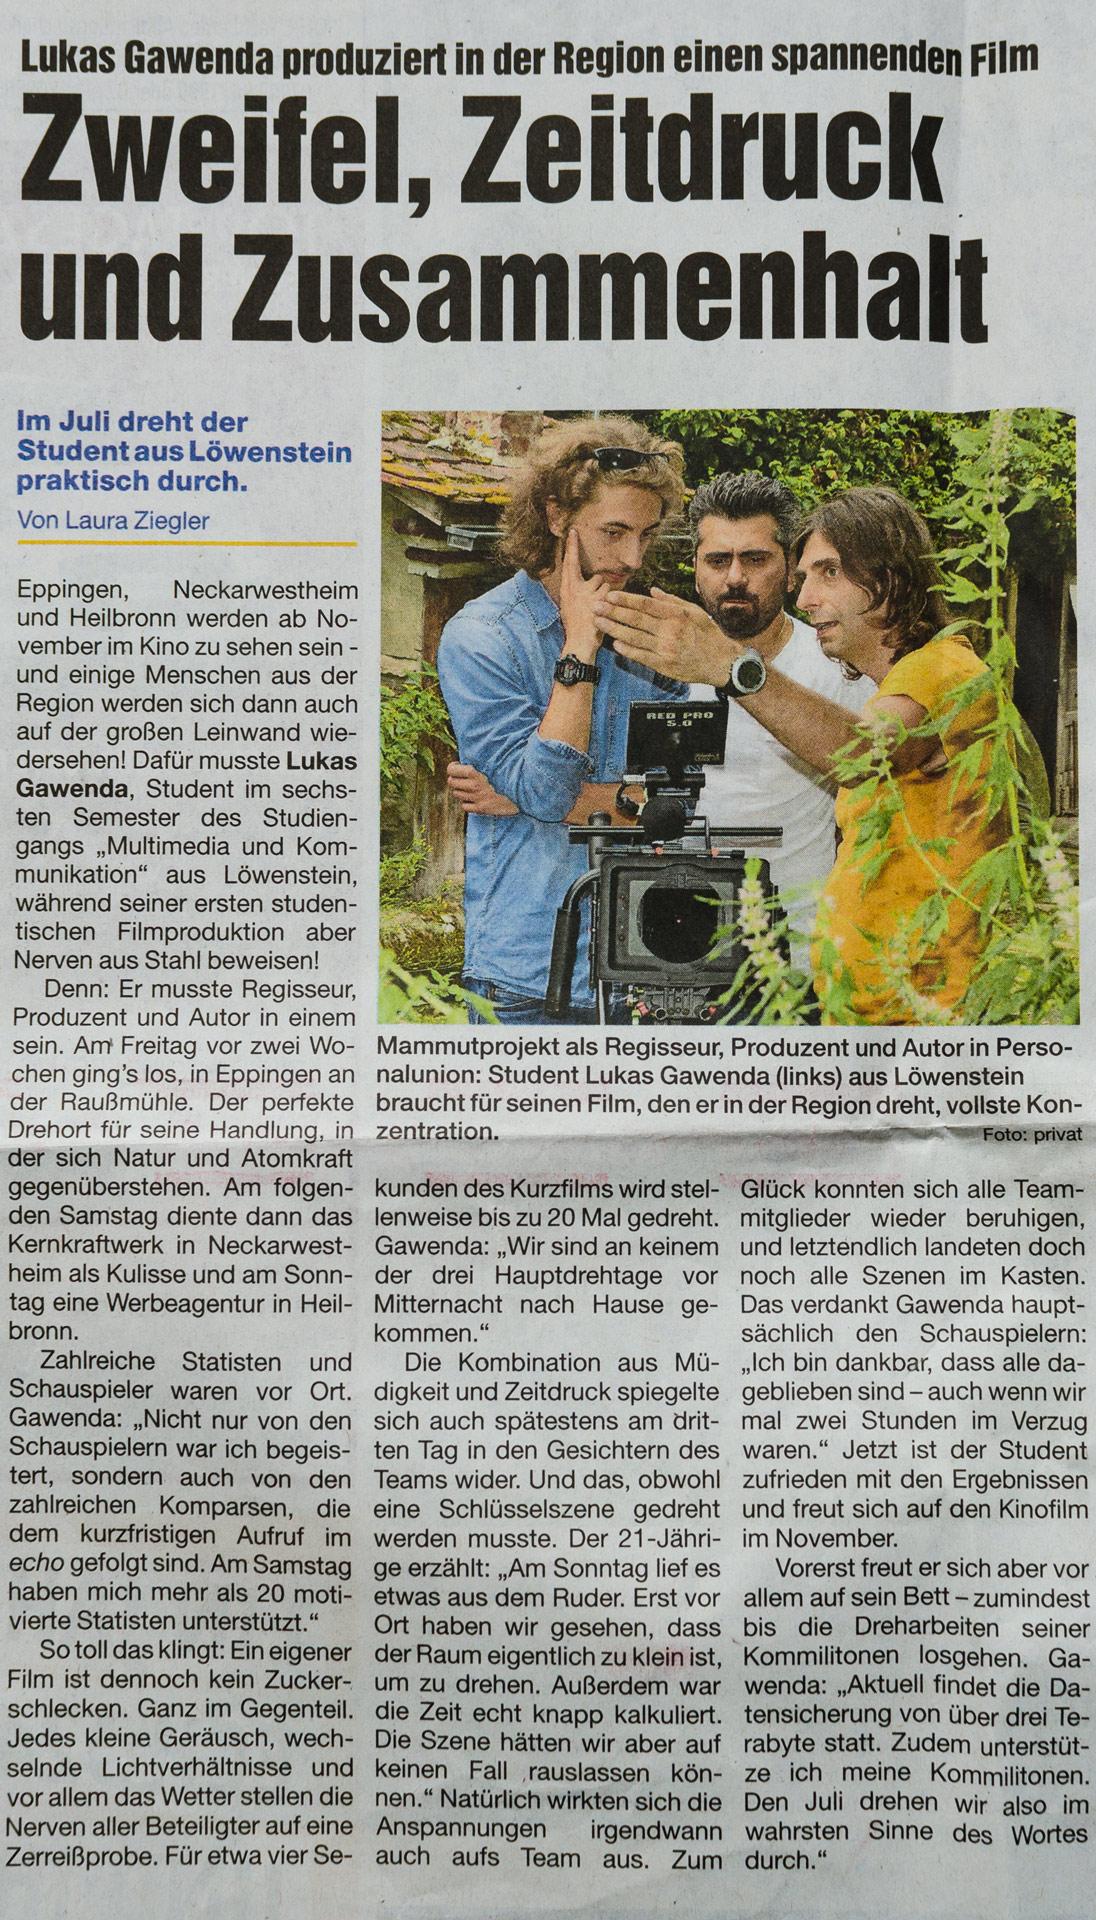 """""""Zweifel, Zeitdruck und Zusammenhalt"""" (Echo am Wochenende, 08./09.07.2017, S. 2)"""